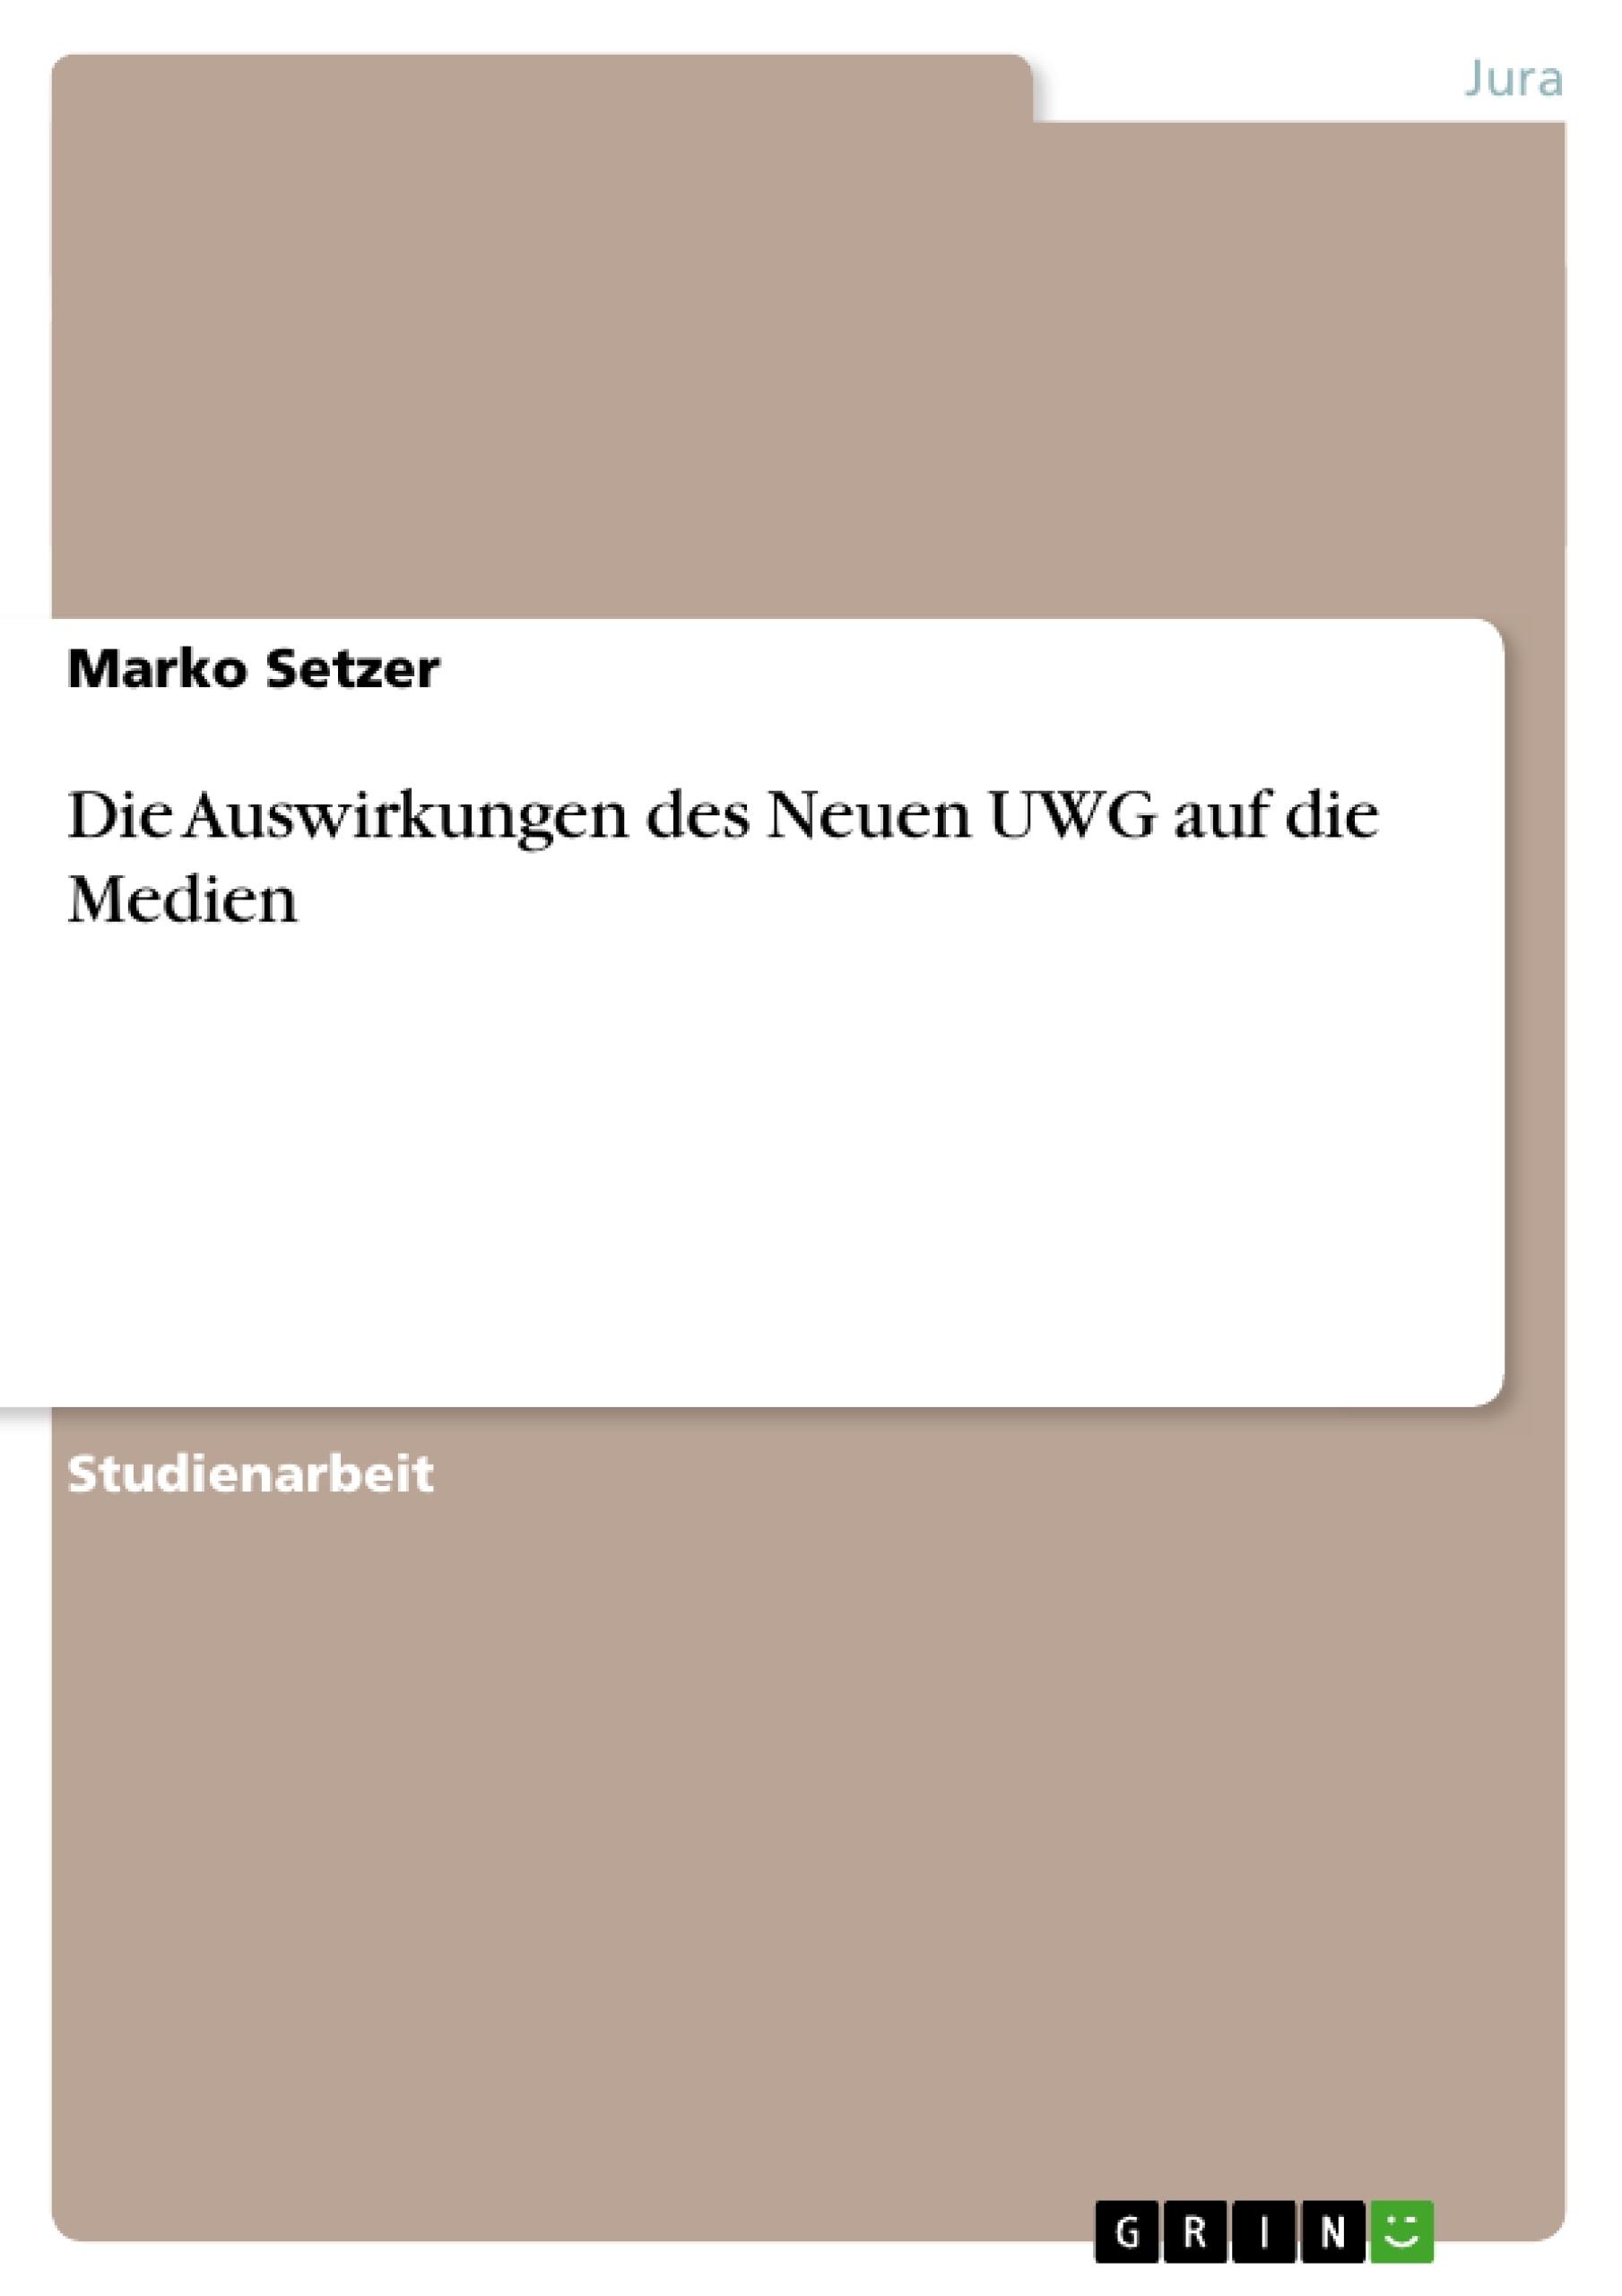 Titel: Die Auswirkungen des Neuen UWG auf die Medien